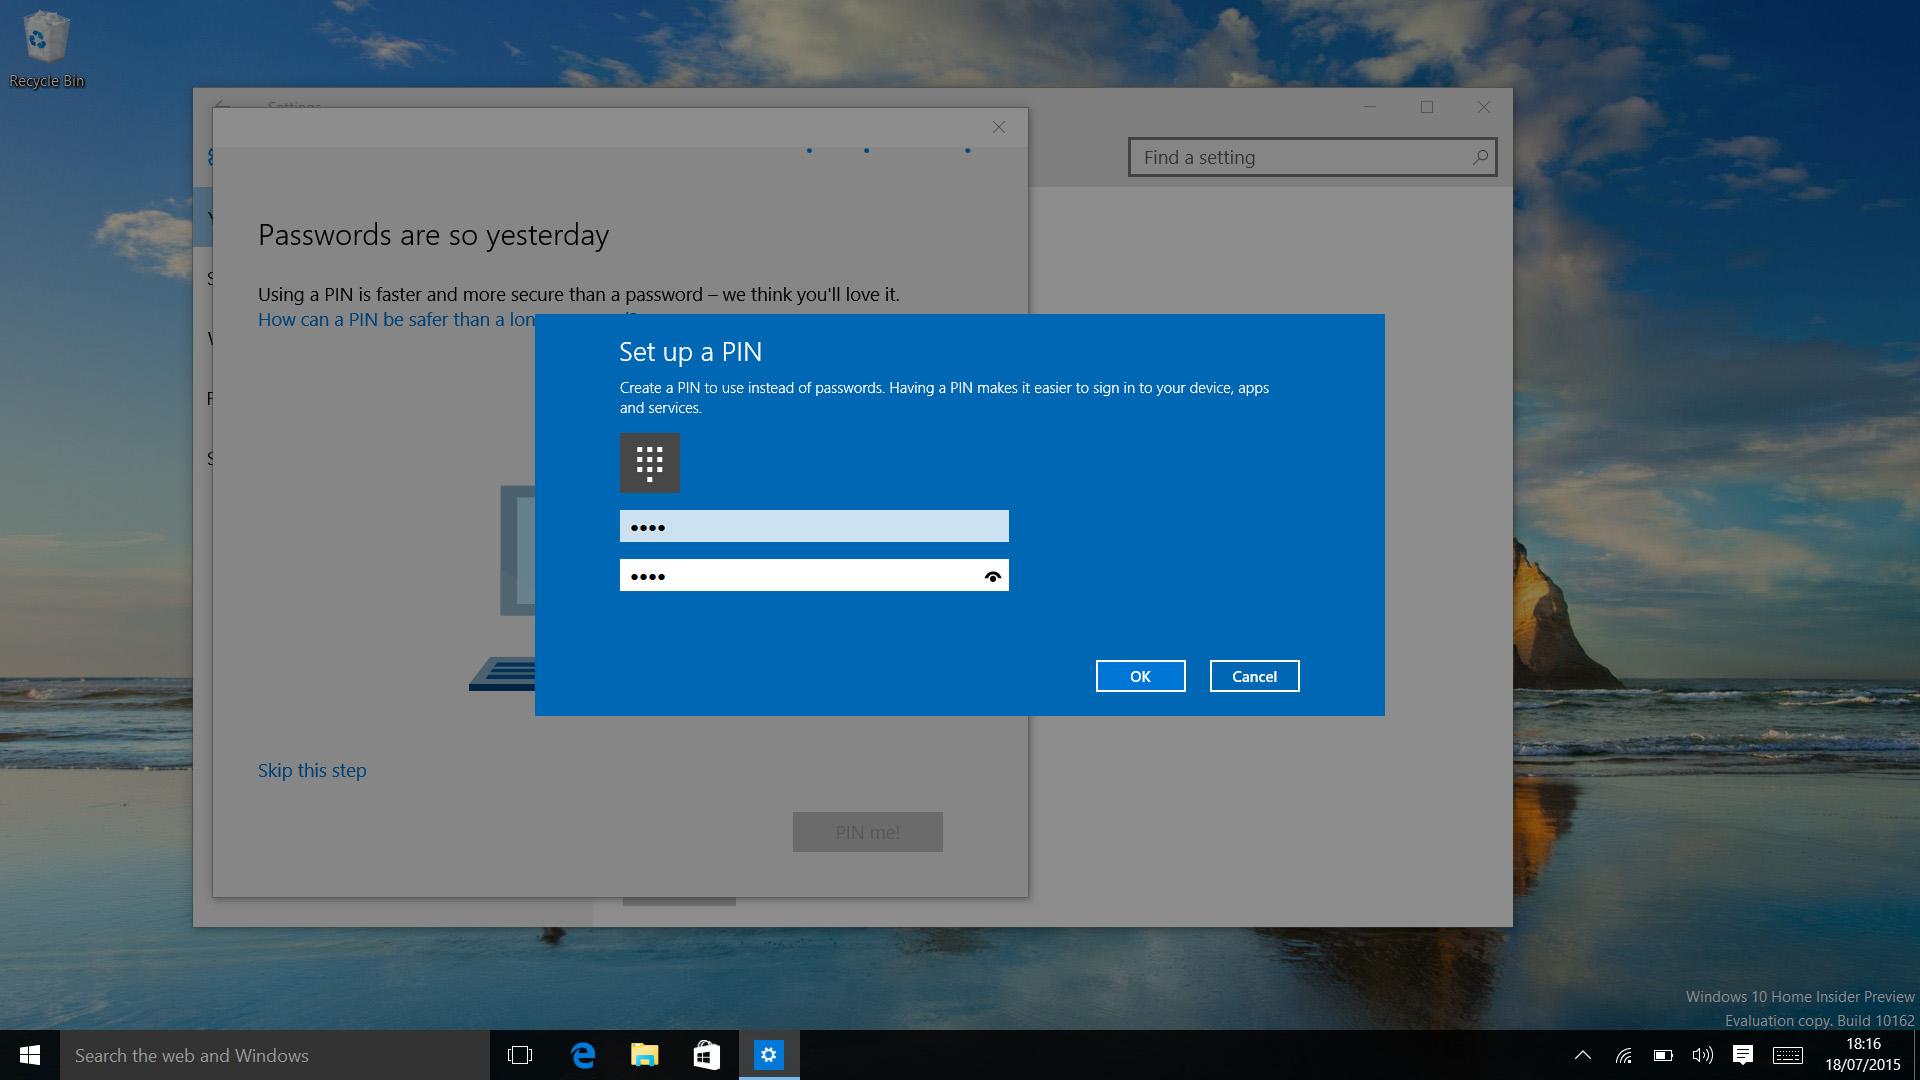 Windows PIN